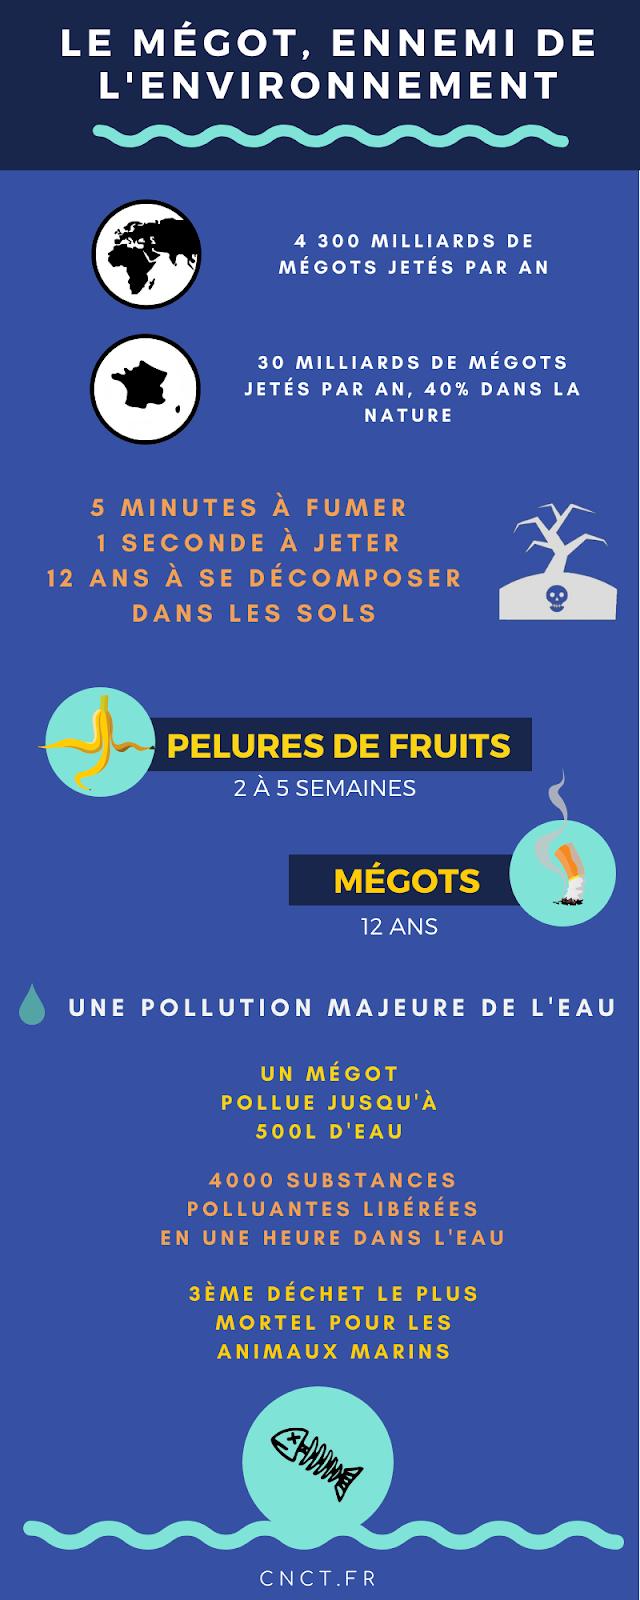 Pollution d'un mégot de cigarette infographie image